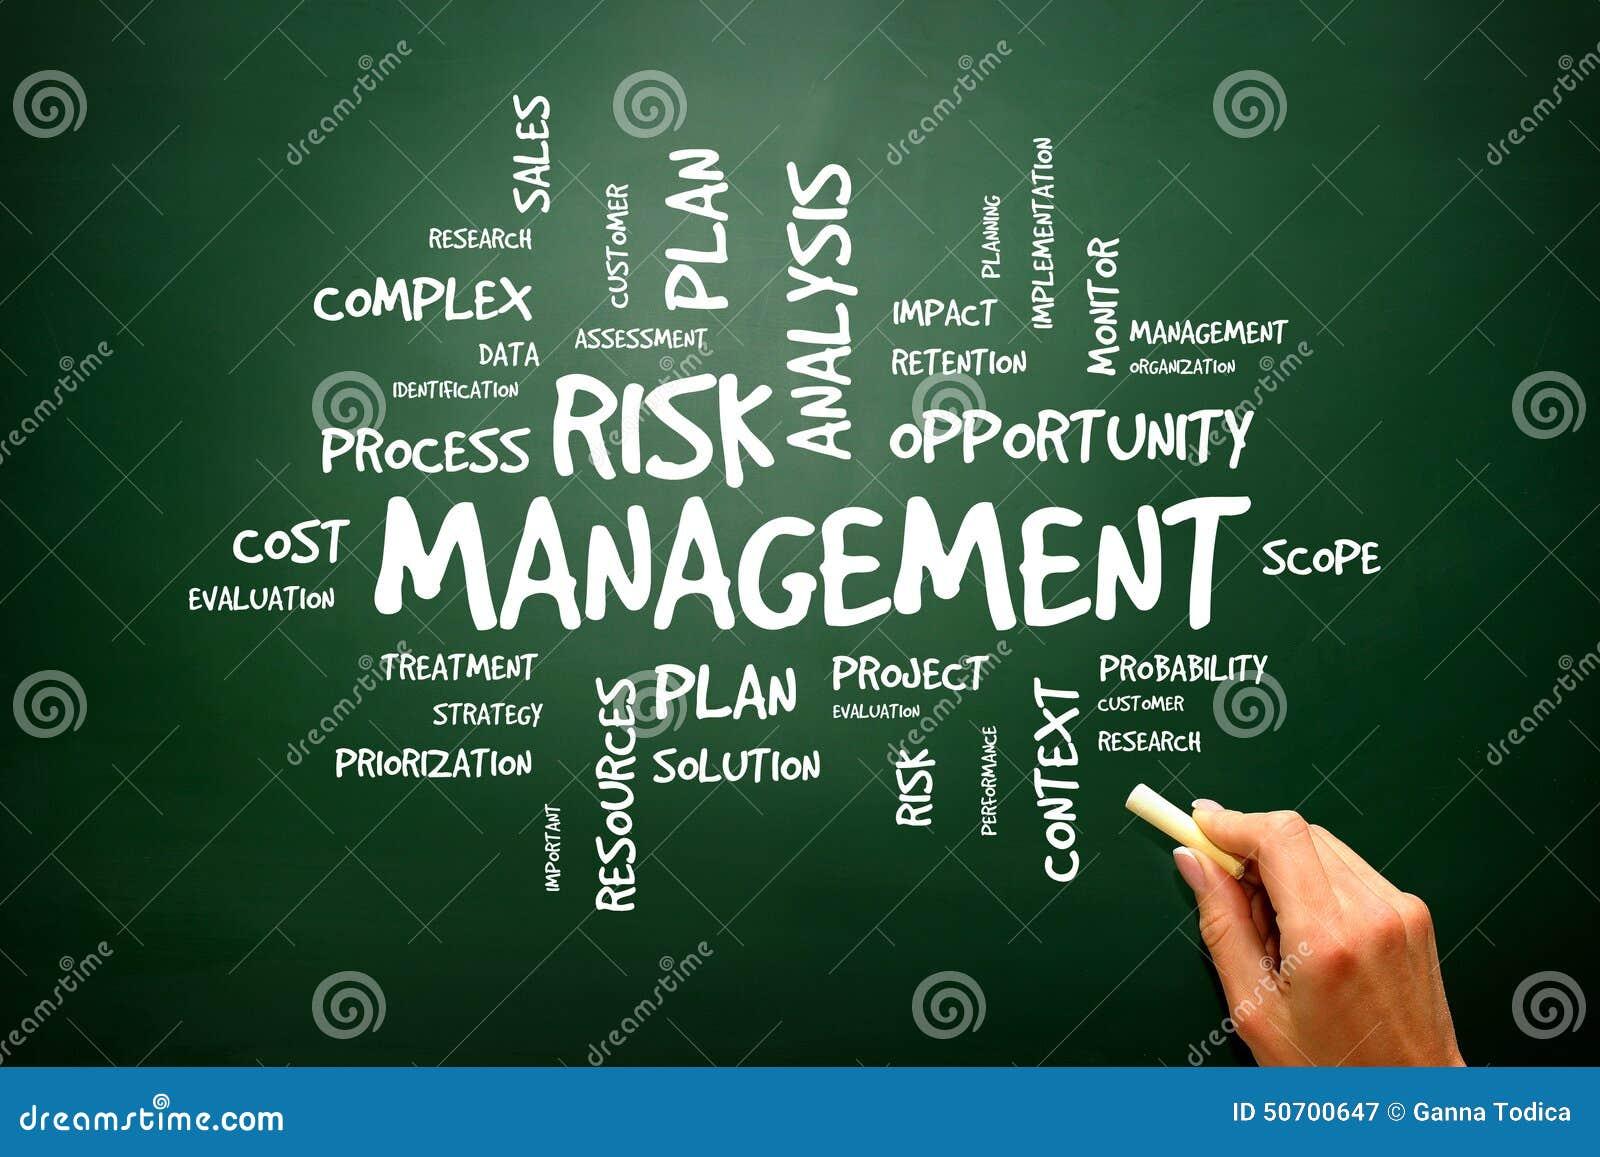 辨认,评估和对待风险的风险管理展示